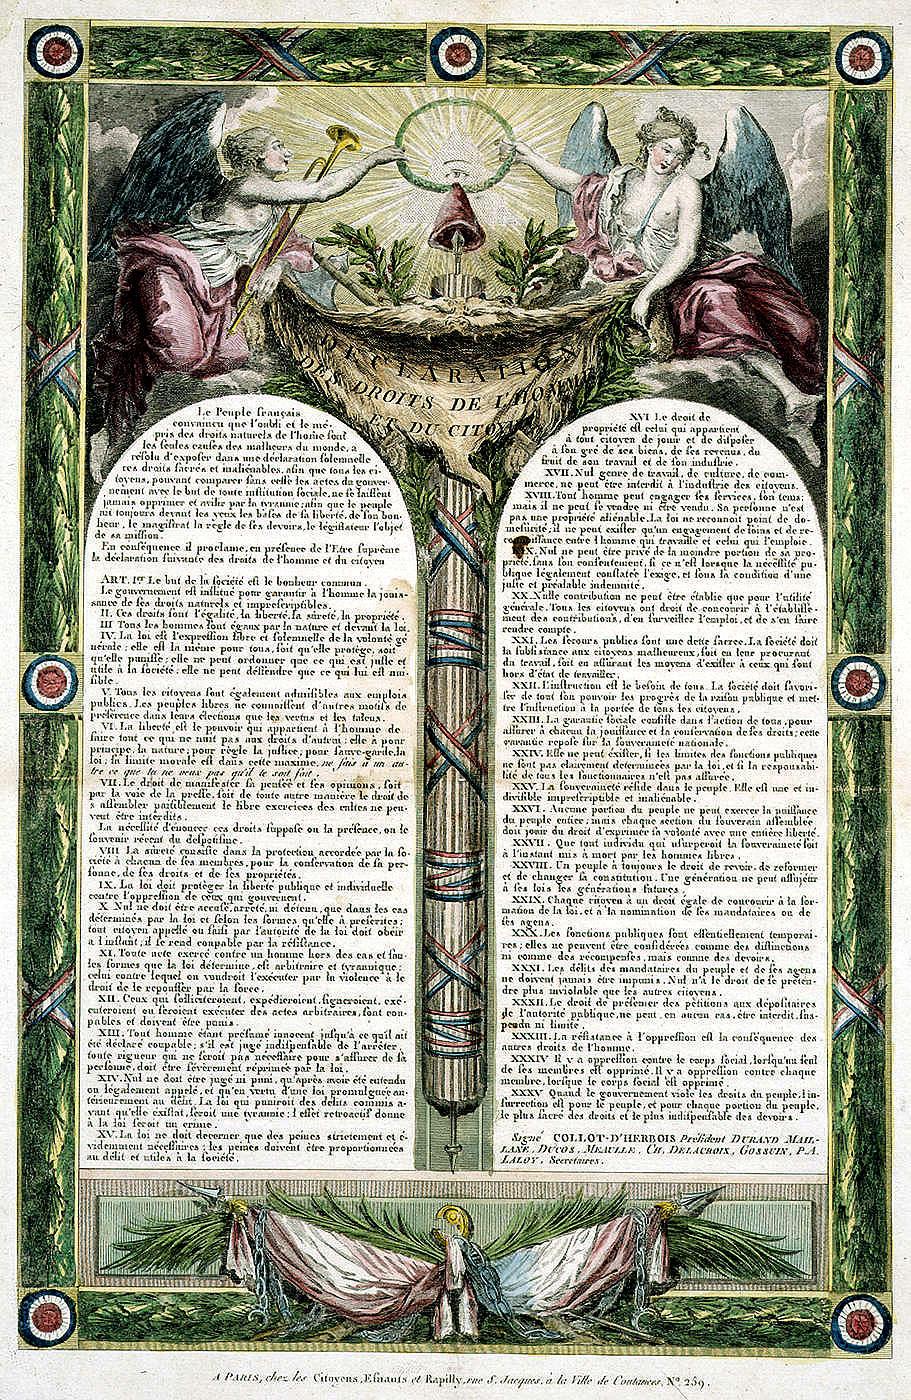 프랑스 인권선언 (1793)  http://upload.wikimedia.org/wikipedia/commons/9/95/Declaration_des_Droits_de_l'Homme_et_du_Citoyen_de_1793.jpg